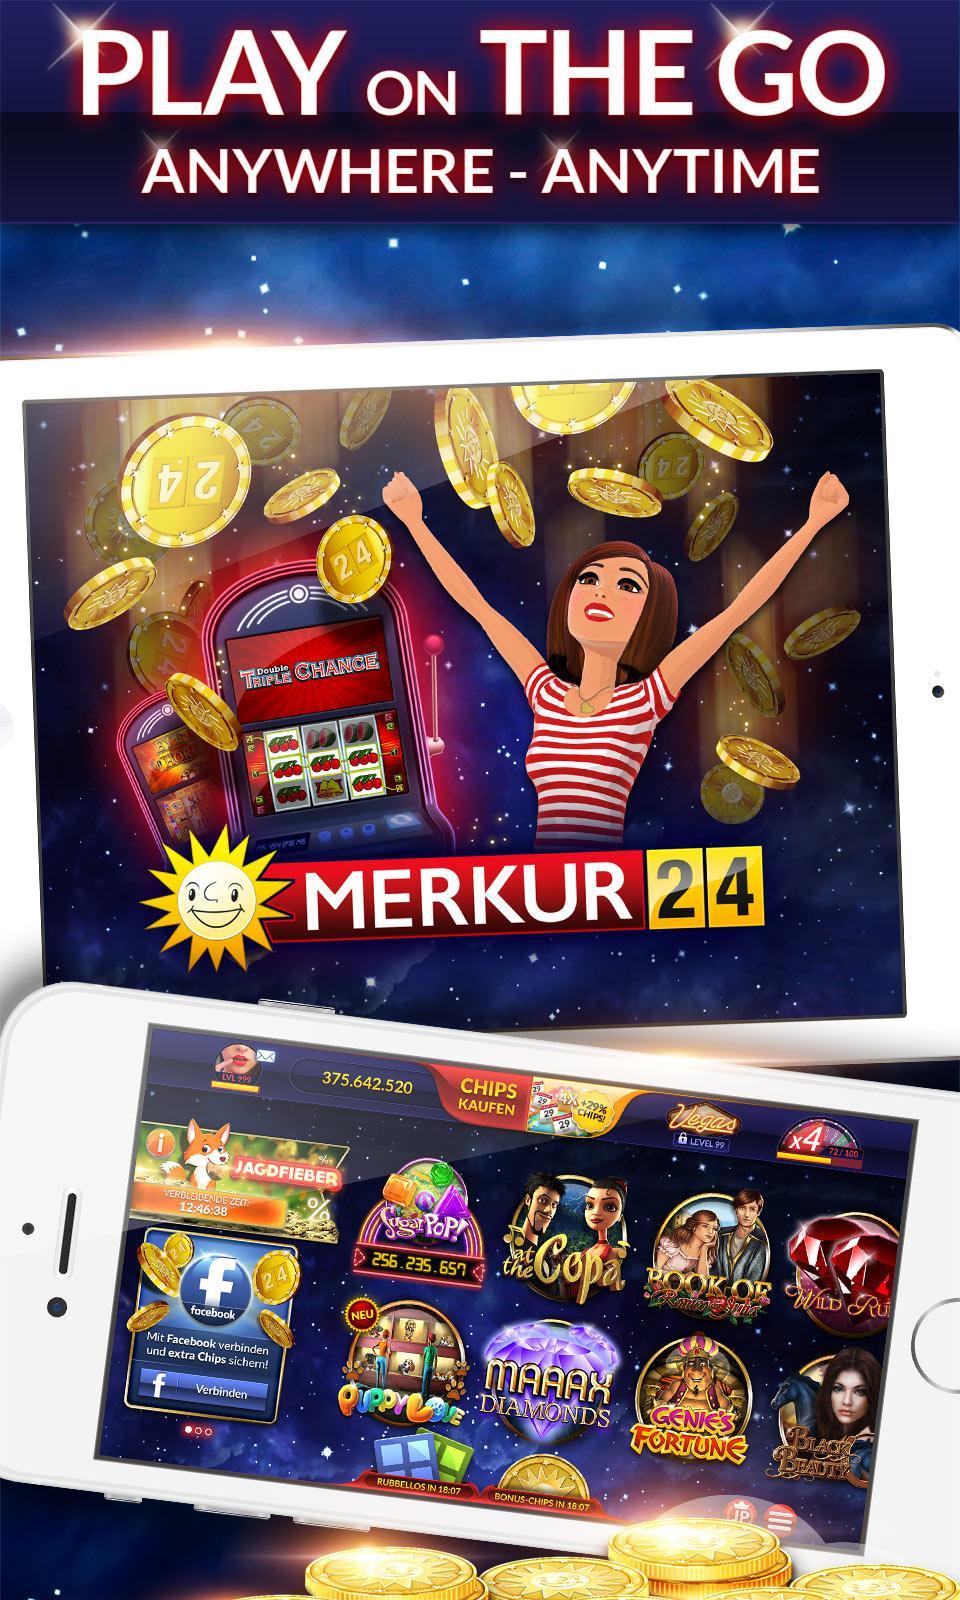 Www.Merkur Onlinecasino.De